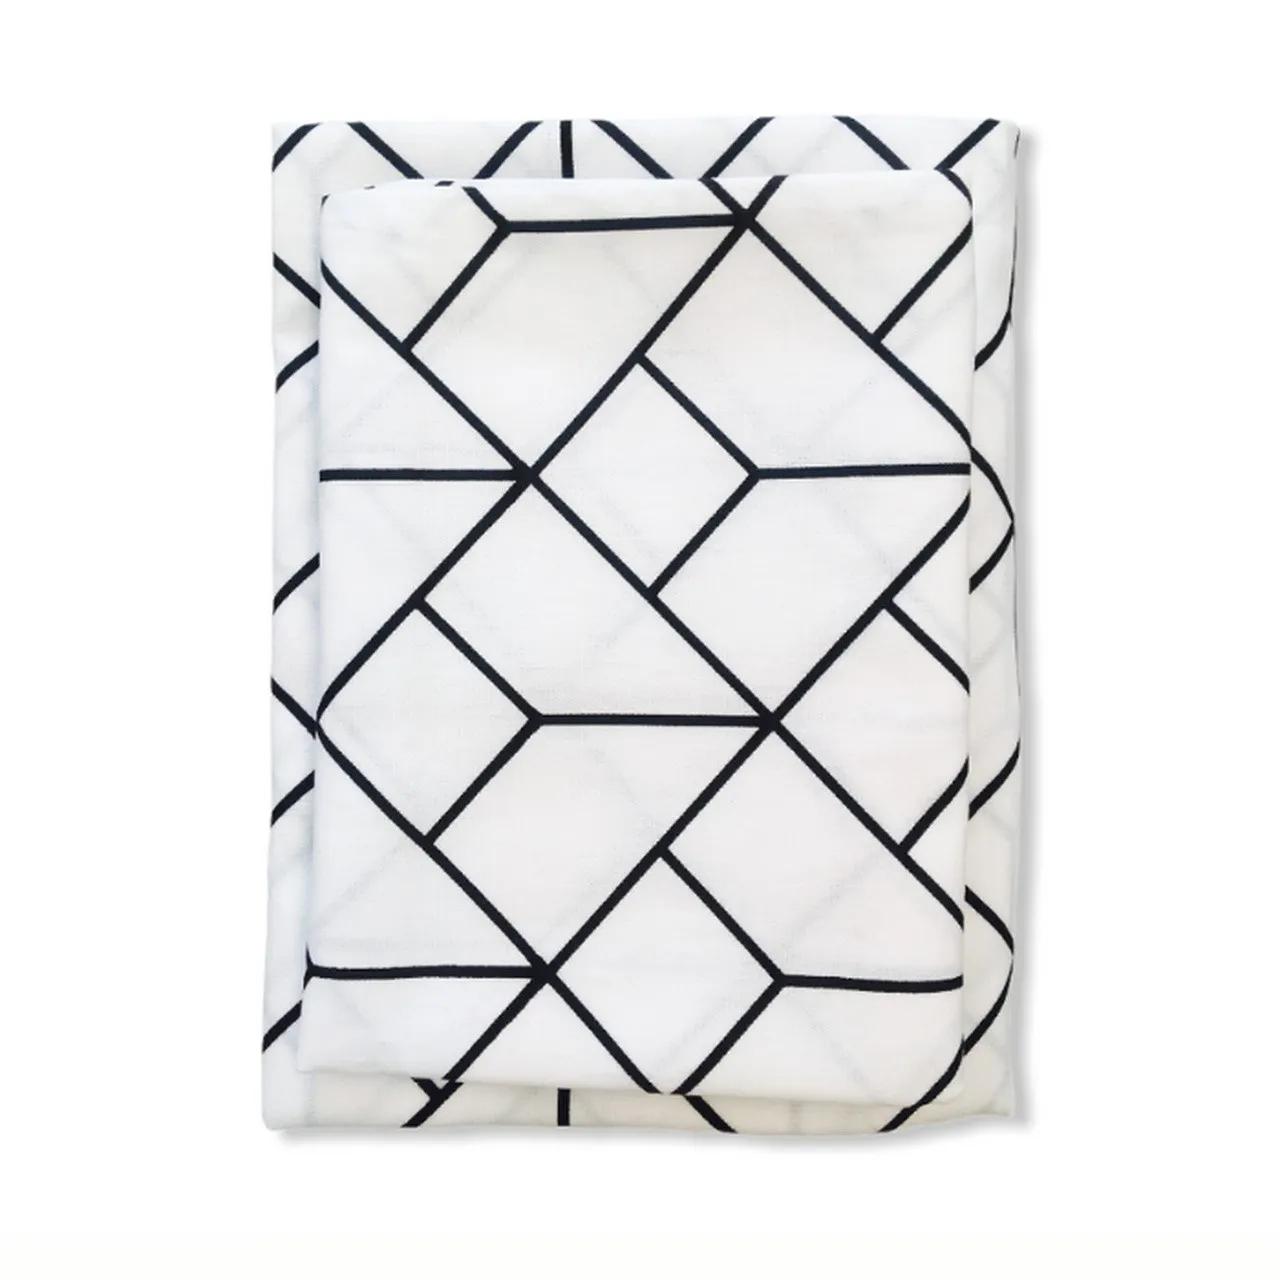 Jogo de Lençol mini berço 2 peças Monochrome 100% algodão